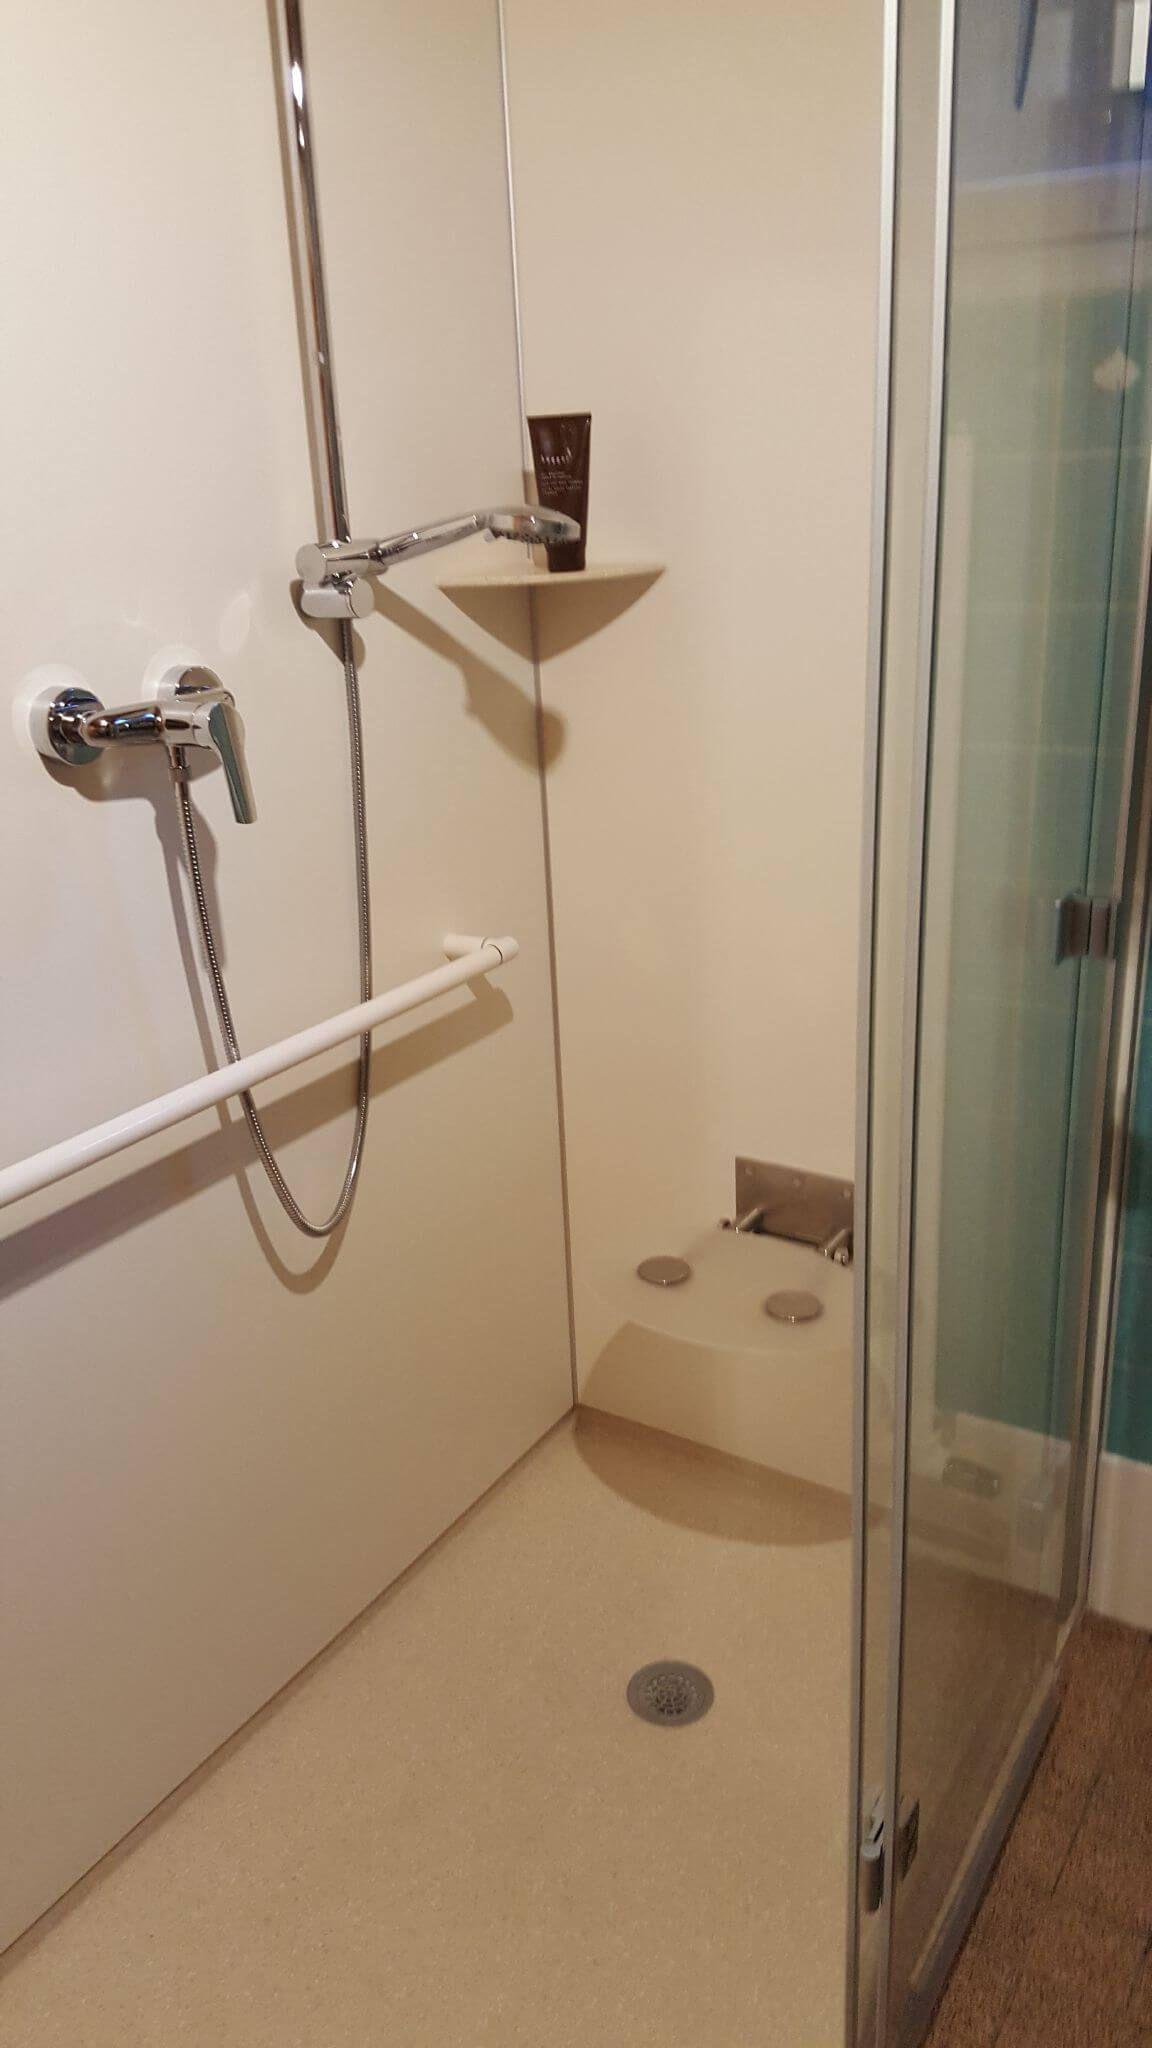 Barrierefreie Dusche In 24 Stunden Bei Familie Schaffert Duschsitz Alte Badewanne Dusche